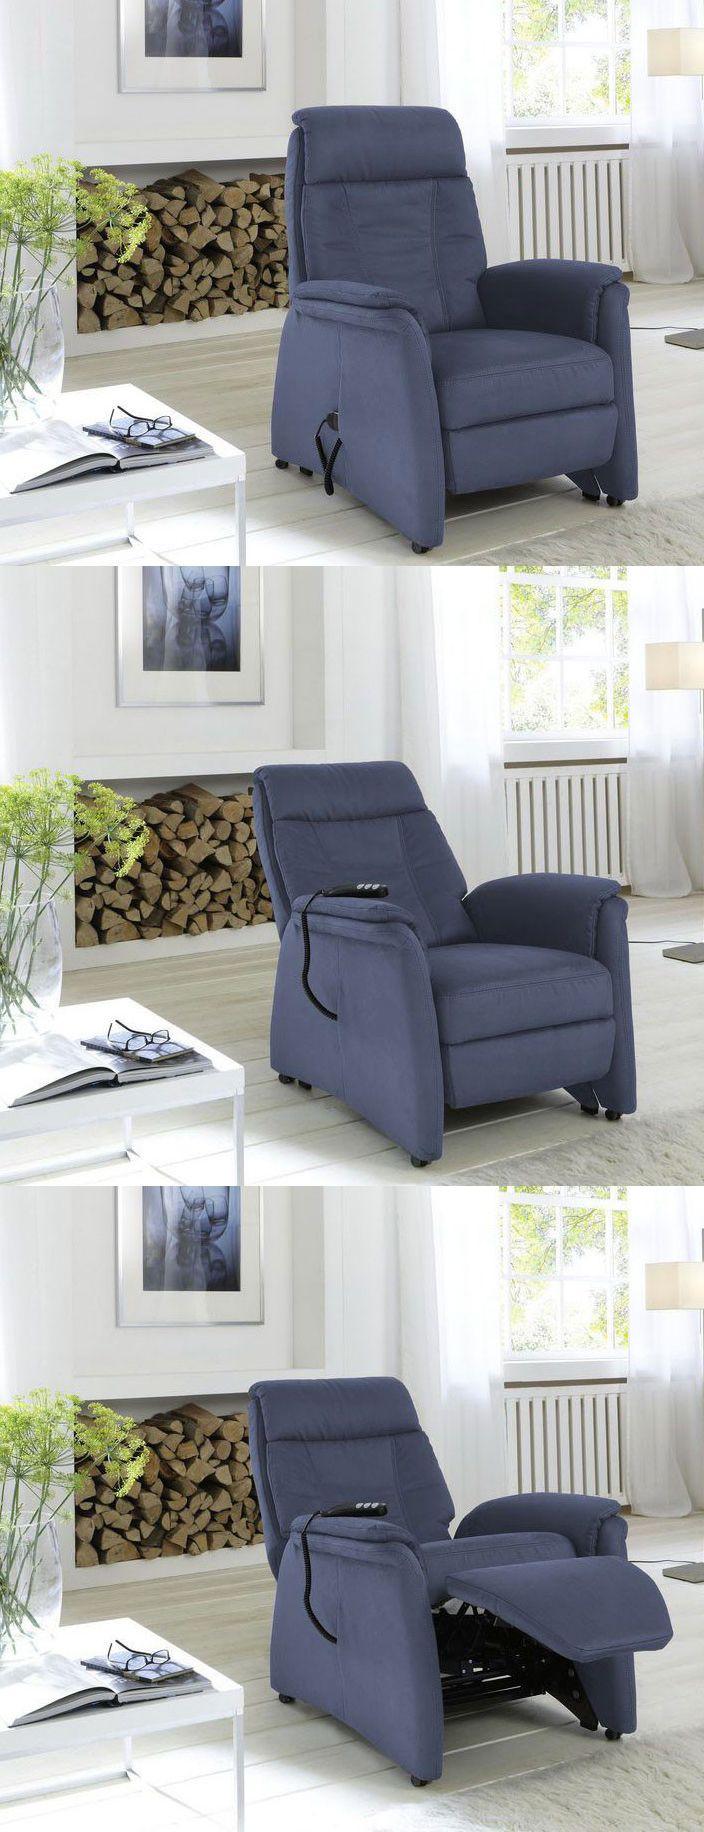 Blauer Relaxsessel Cosy Line | Du Brauchst Mal Wieder Ein Stündchen  Entspannung Nach Einem Stressigen